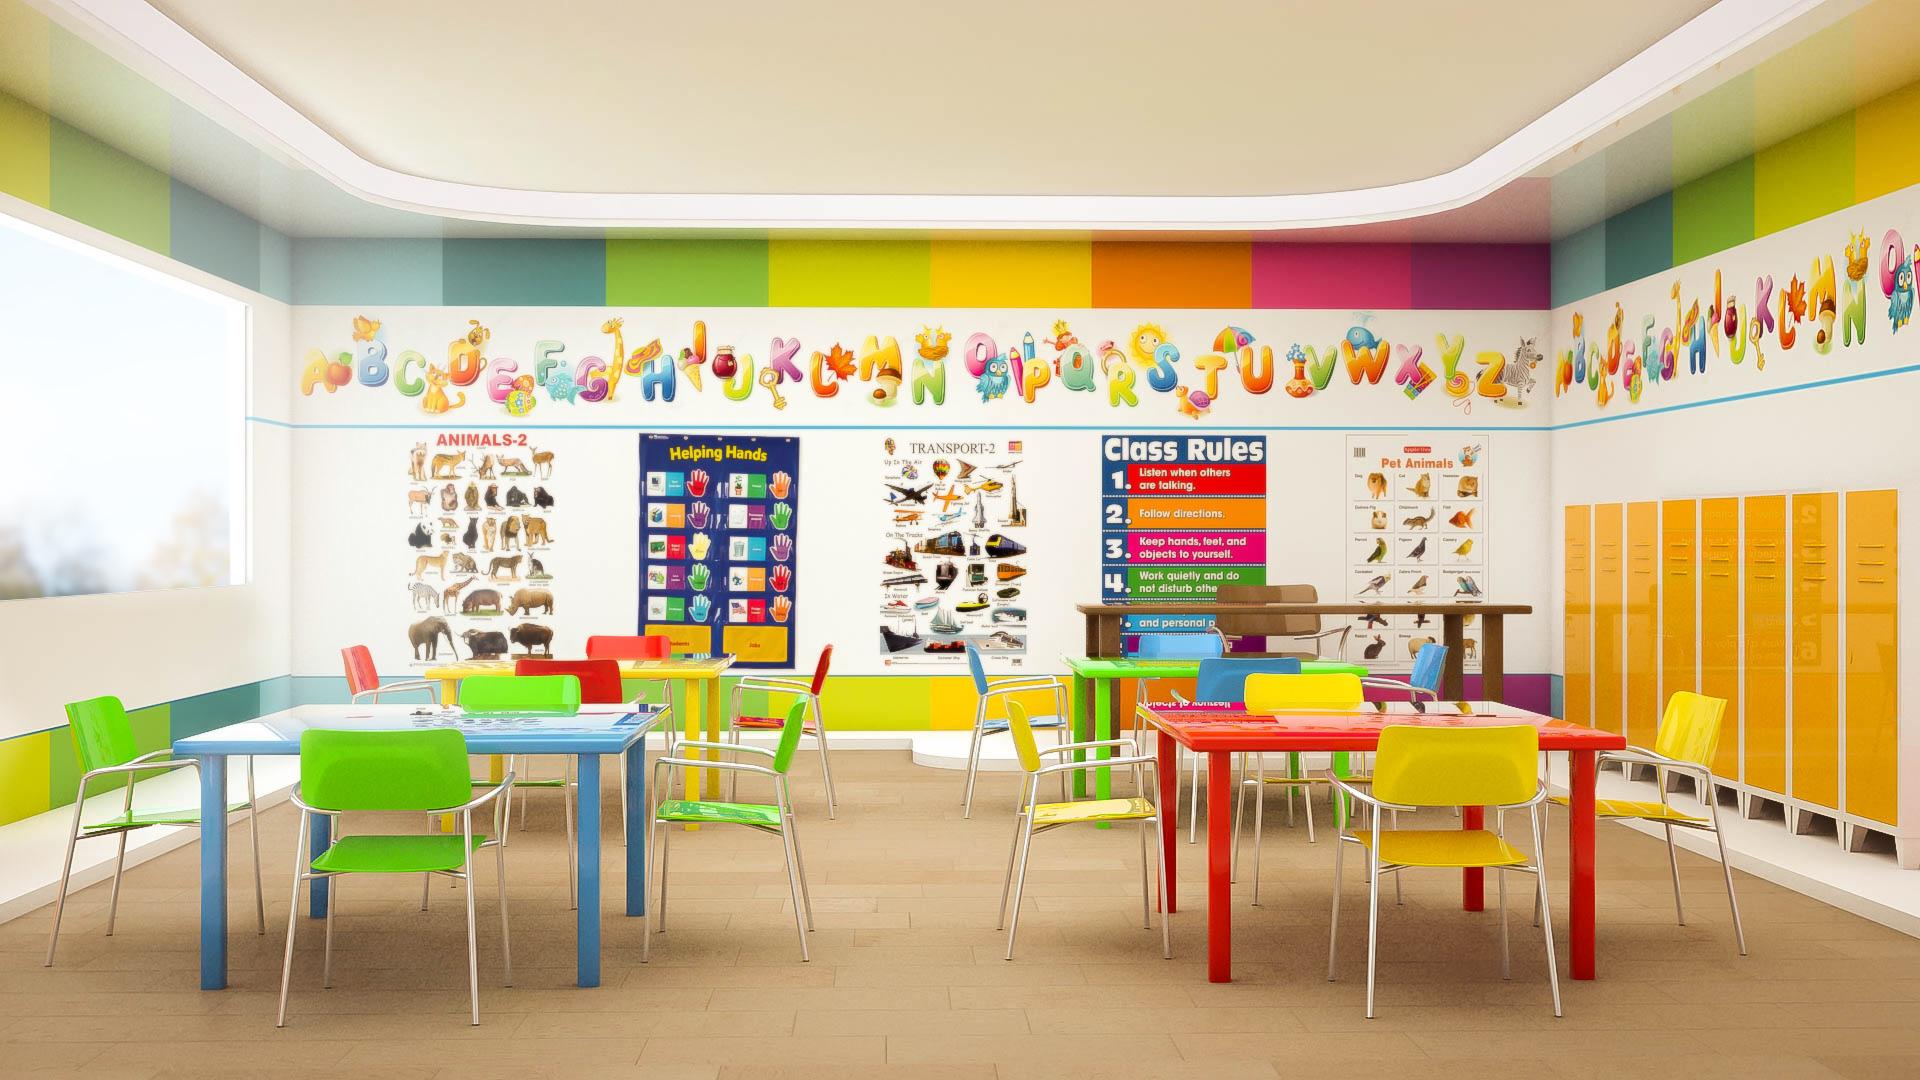 Kindergarten interior design image in 3d - Kindergarten Interior Design Image In 3d 6